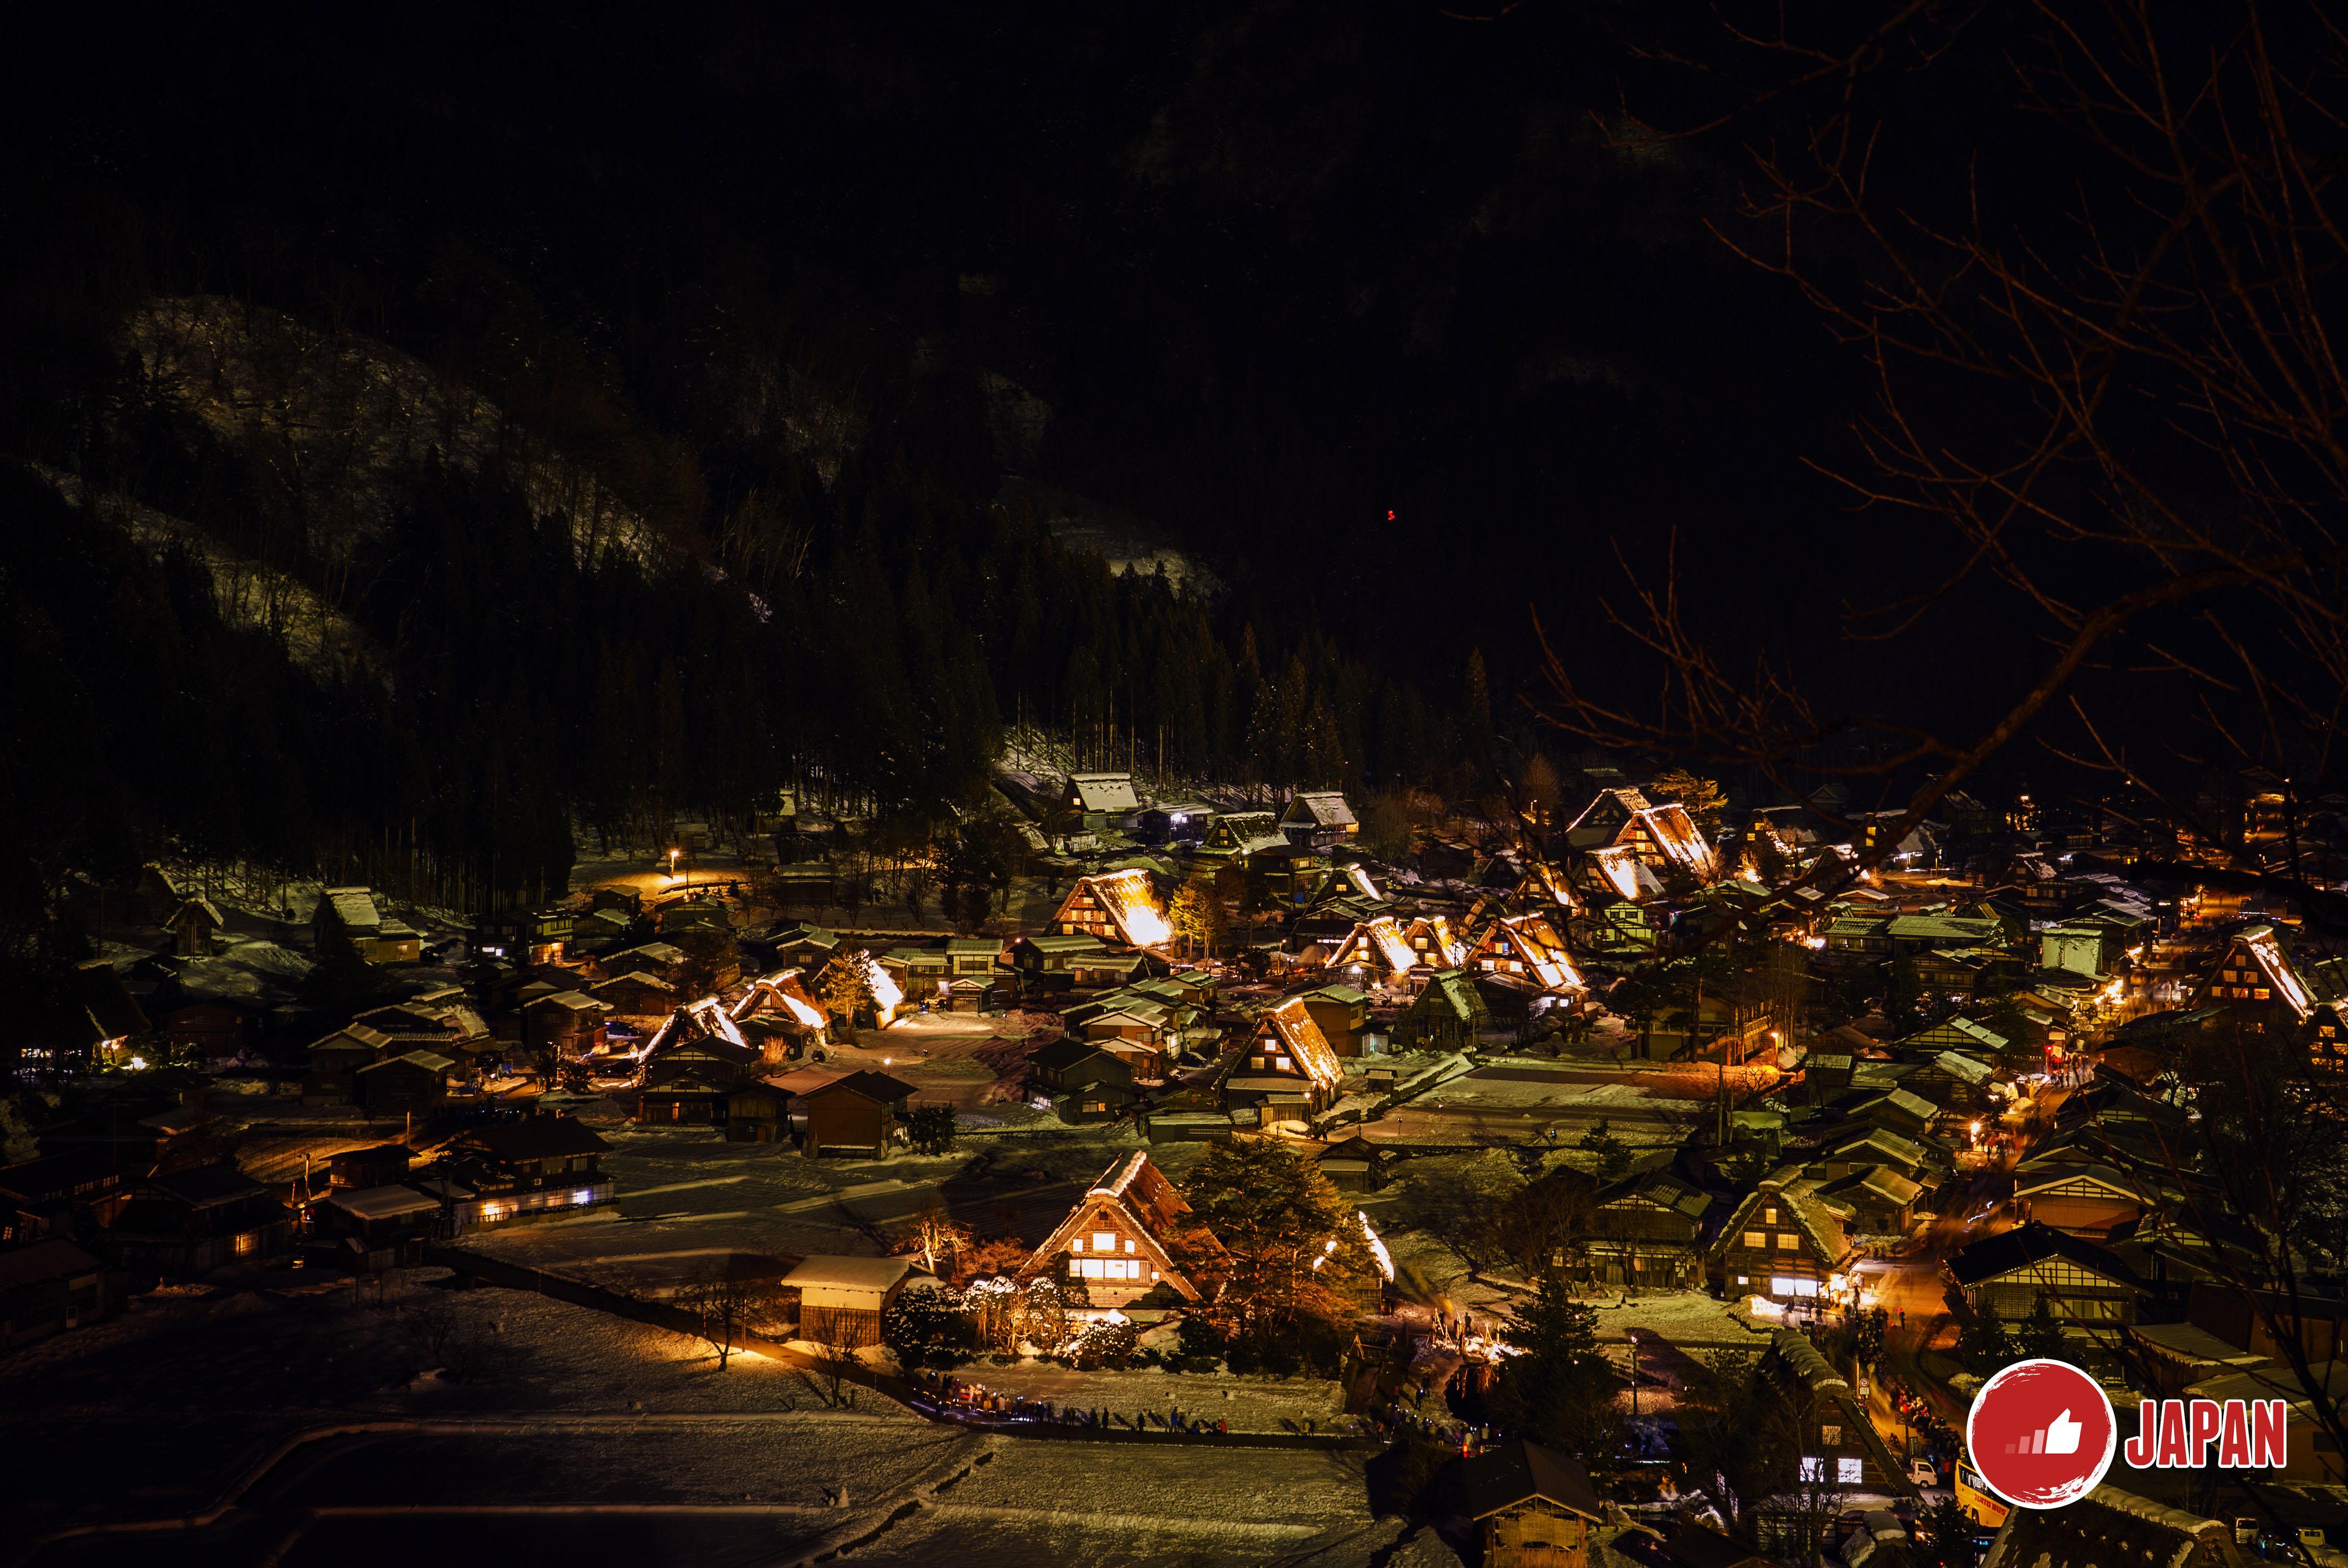 【貝遊日本】高山&白川鄉點燈LOCAL TOUR (PART 2) 之白川鄉點燈夜景